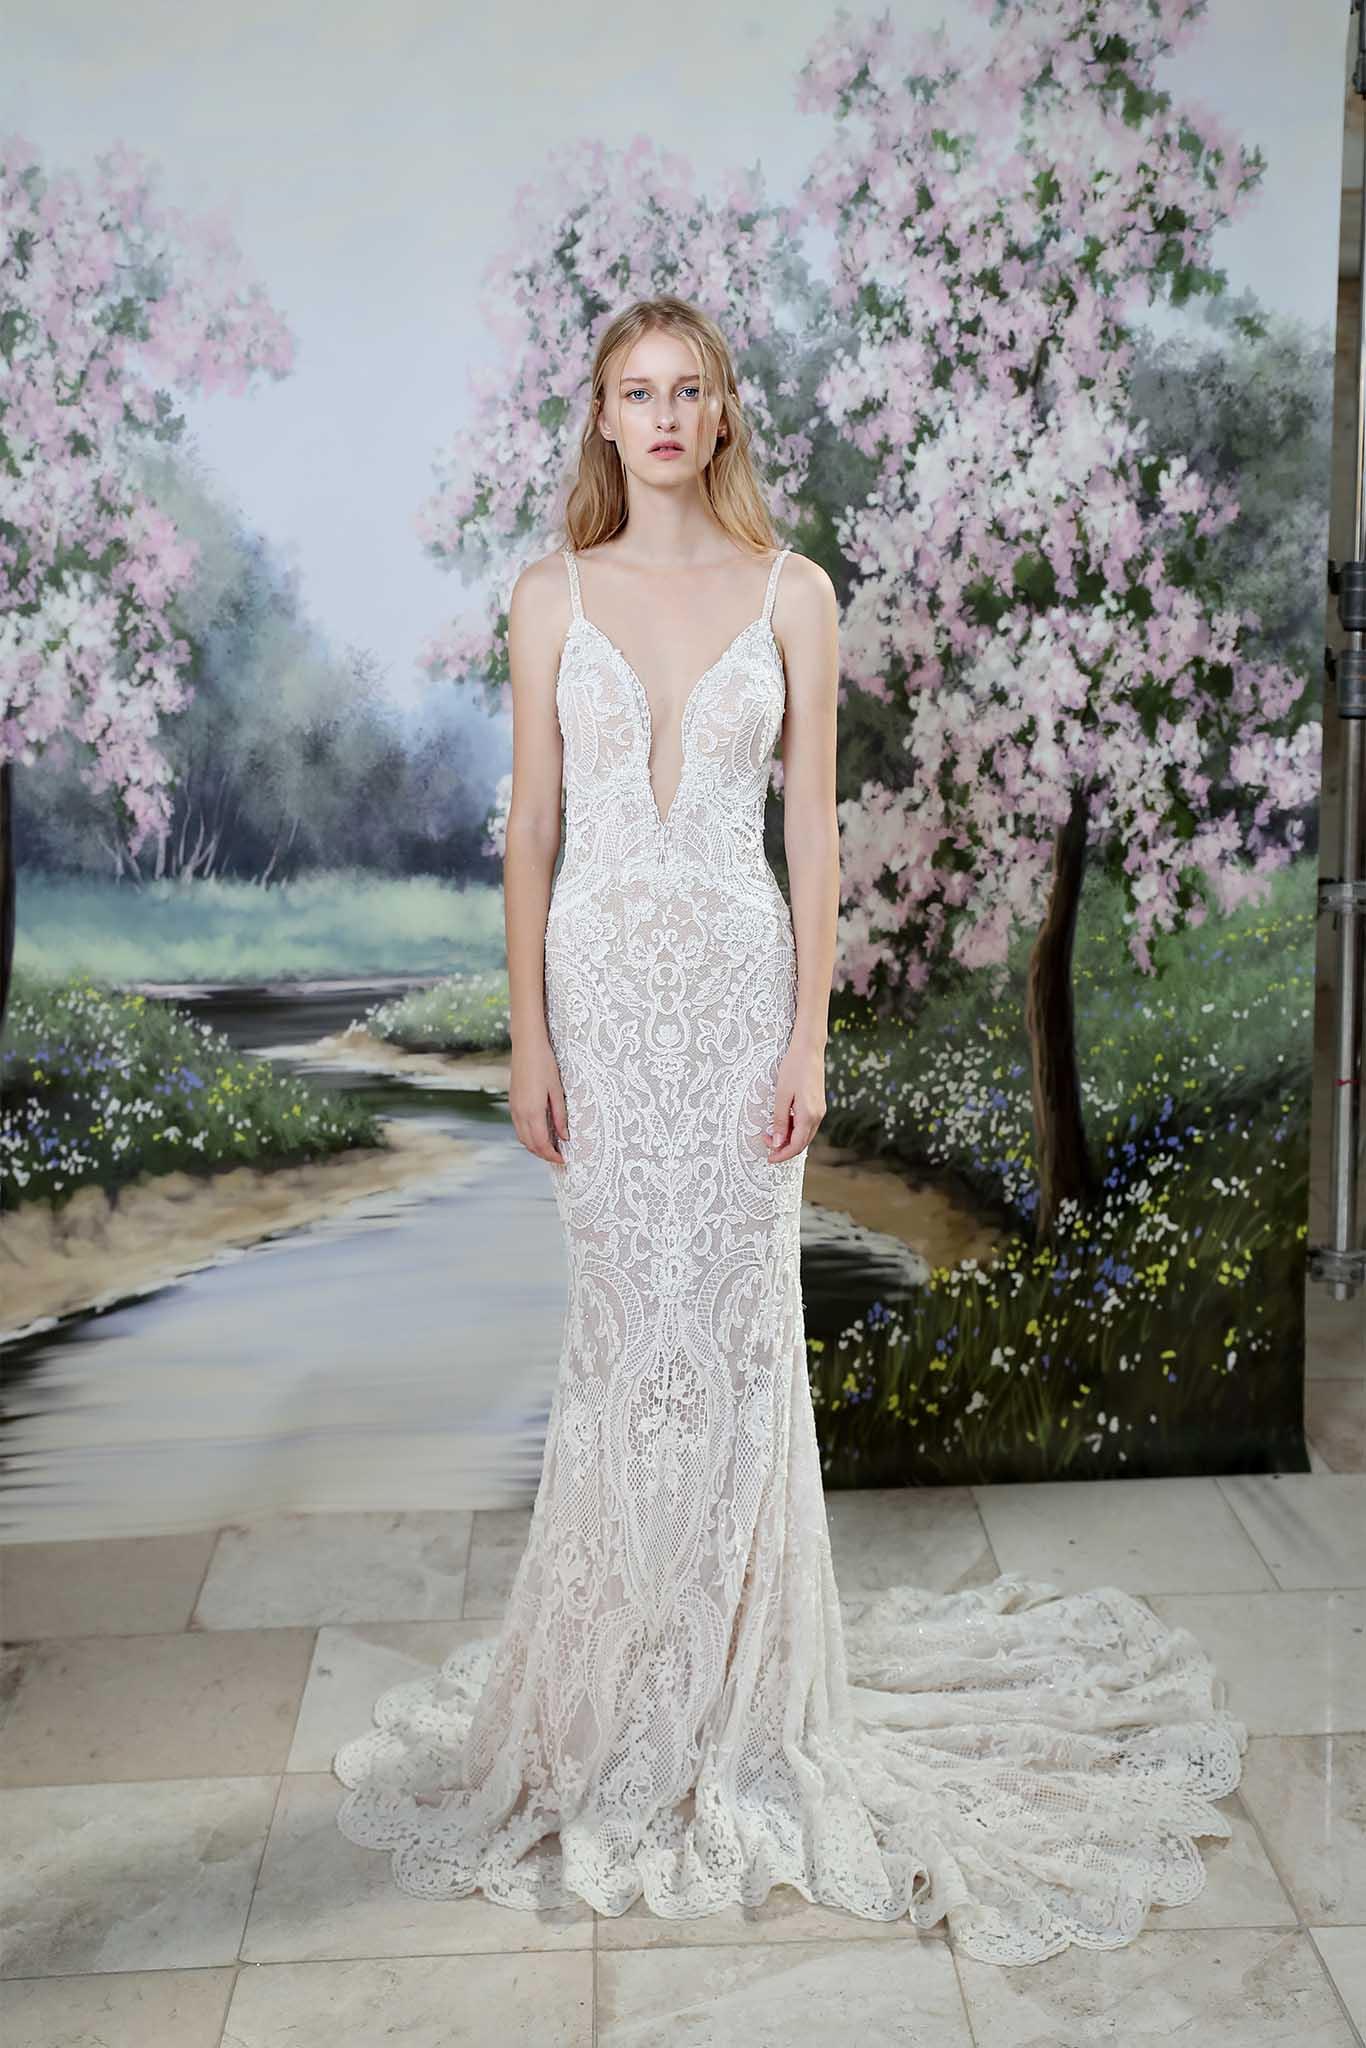 cd1e3f5238 GALA 201 wedding dress by Galia Lahav - Browns Bride